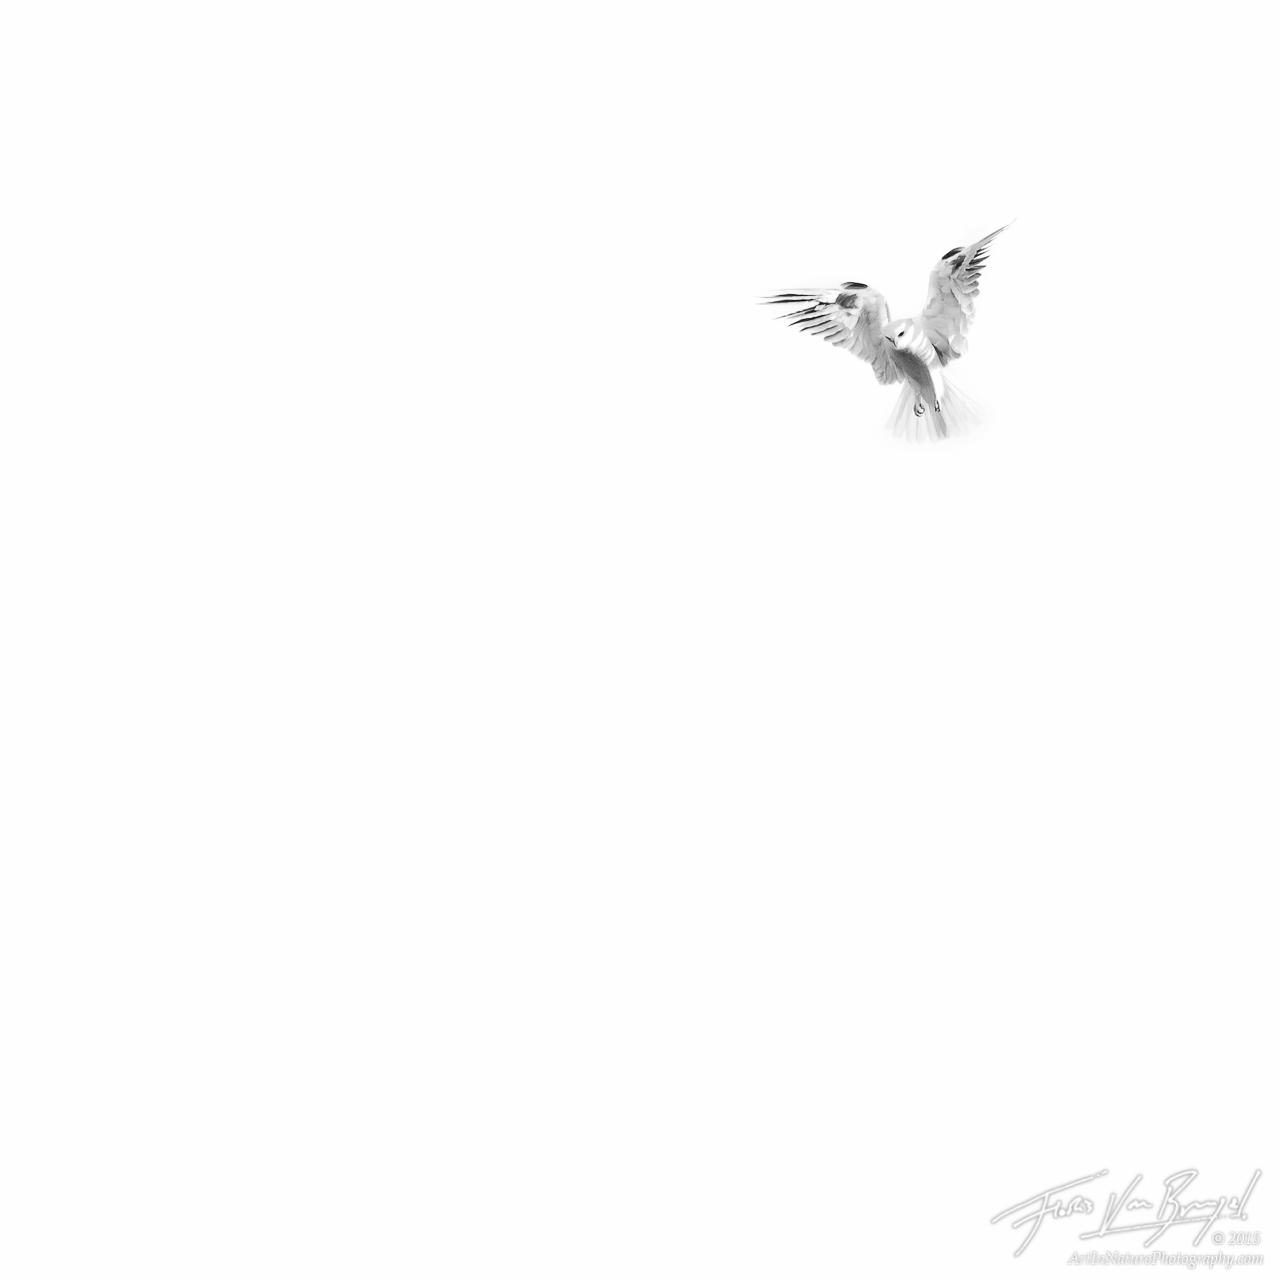 Angelic White-tailed Kite, Mount Diablo State Park, California, Elanus leucurus, photo